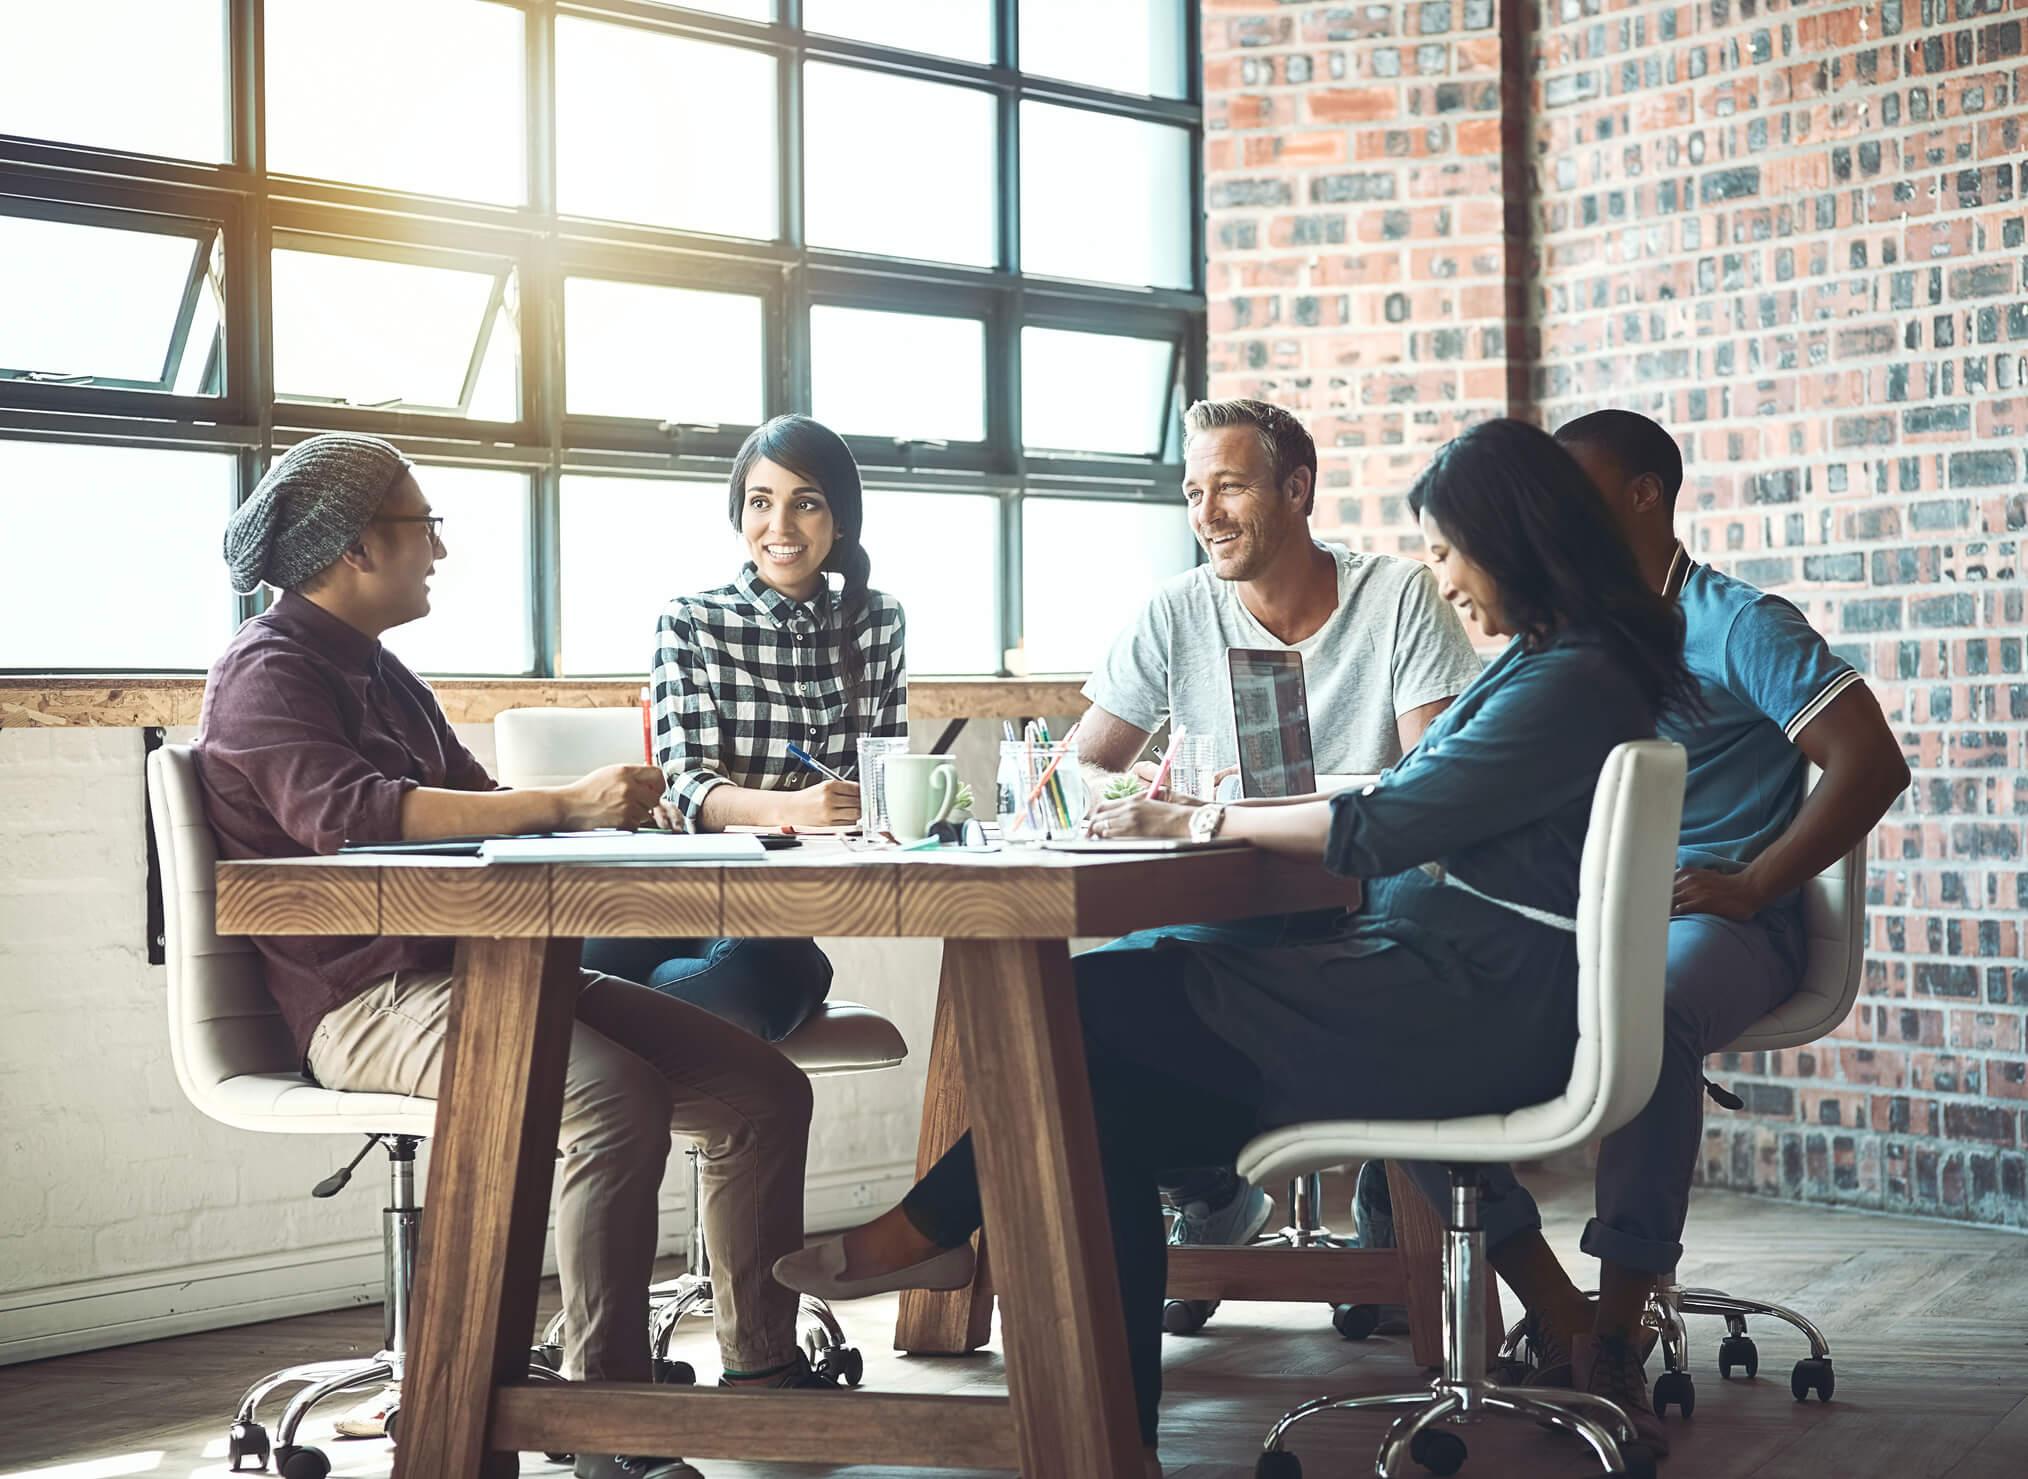 Comunicação no trabalho e as diferentes gerações